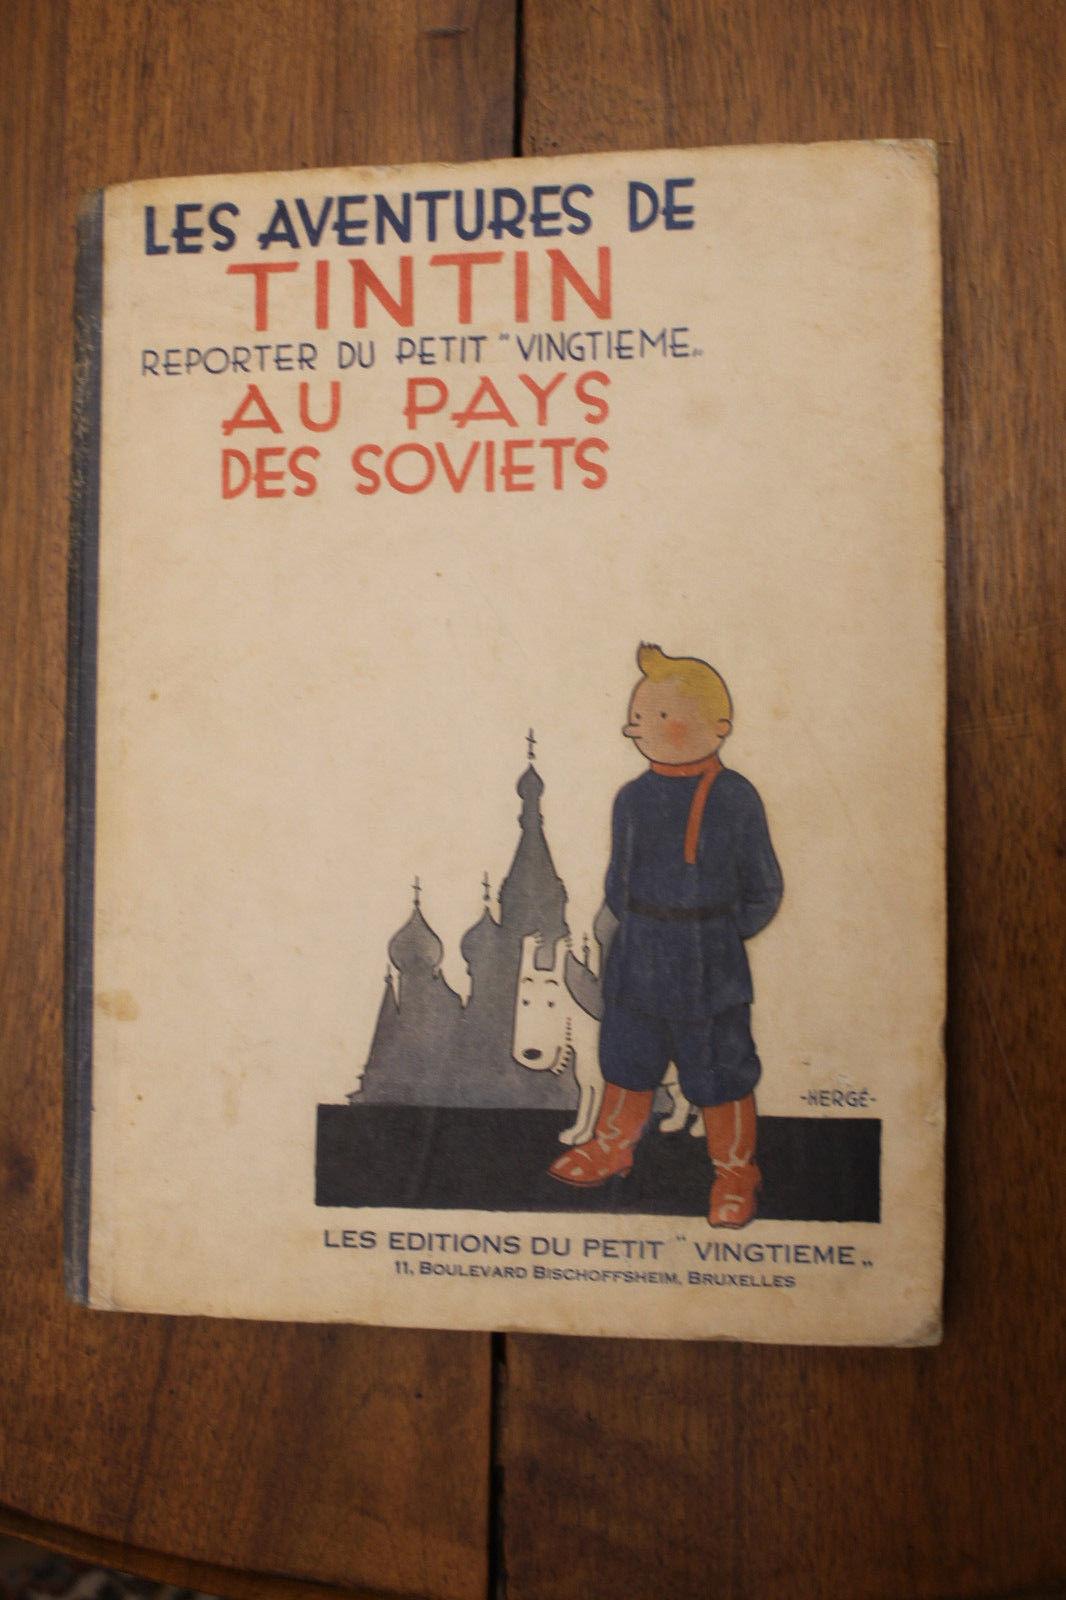 TINTIN AU PAYS DES SOVIETS. RARE EDITION ORIGINALE 1930. ALBUM MYTHIQUE BON ETAT